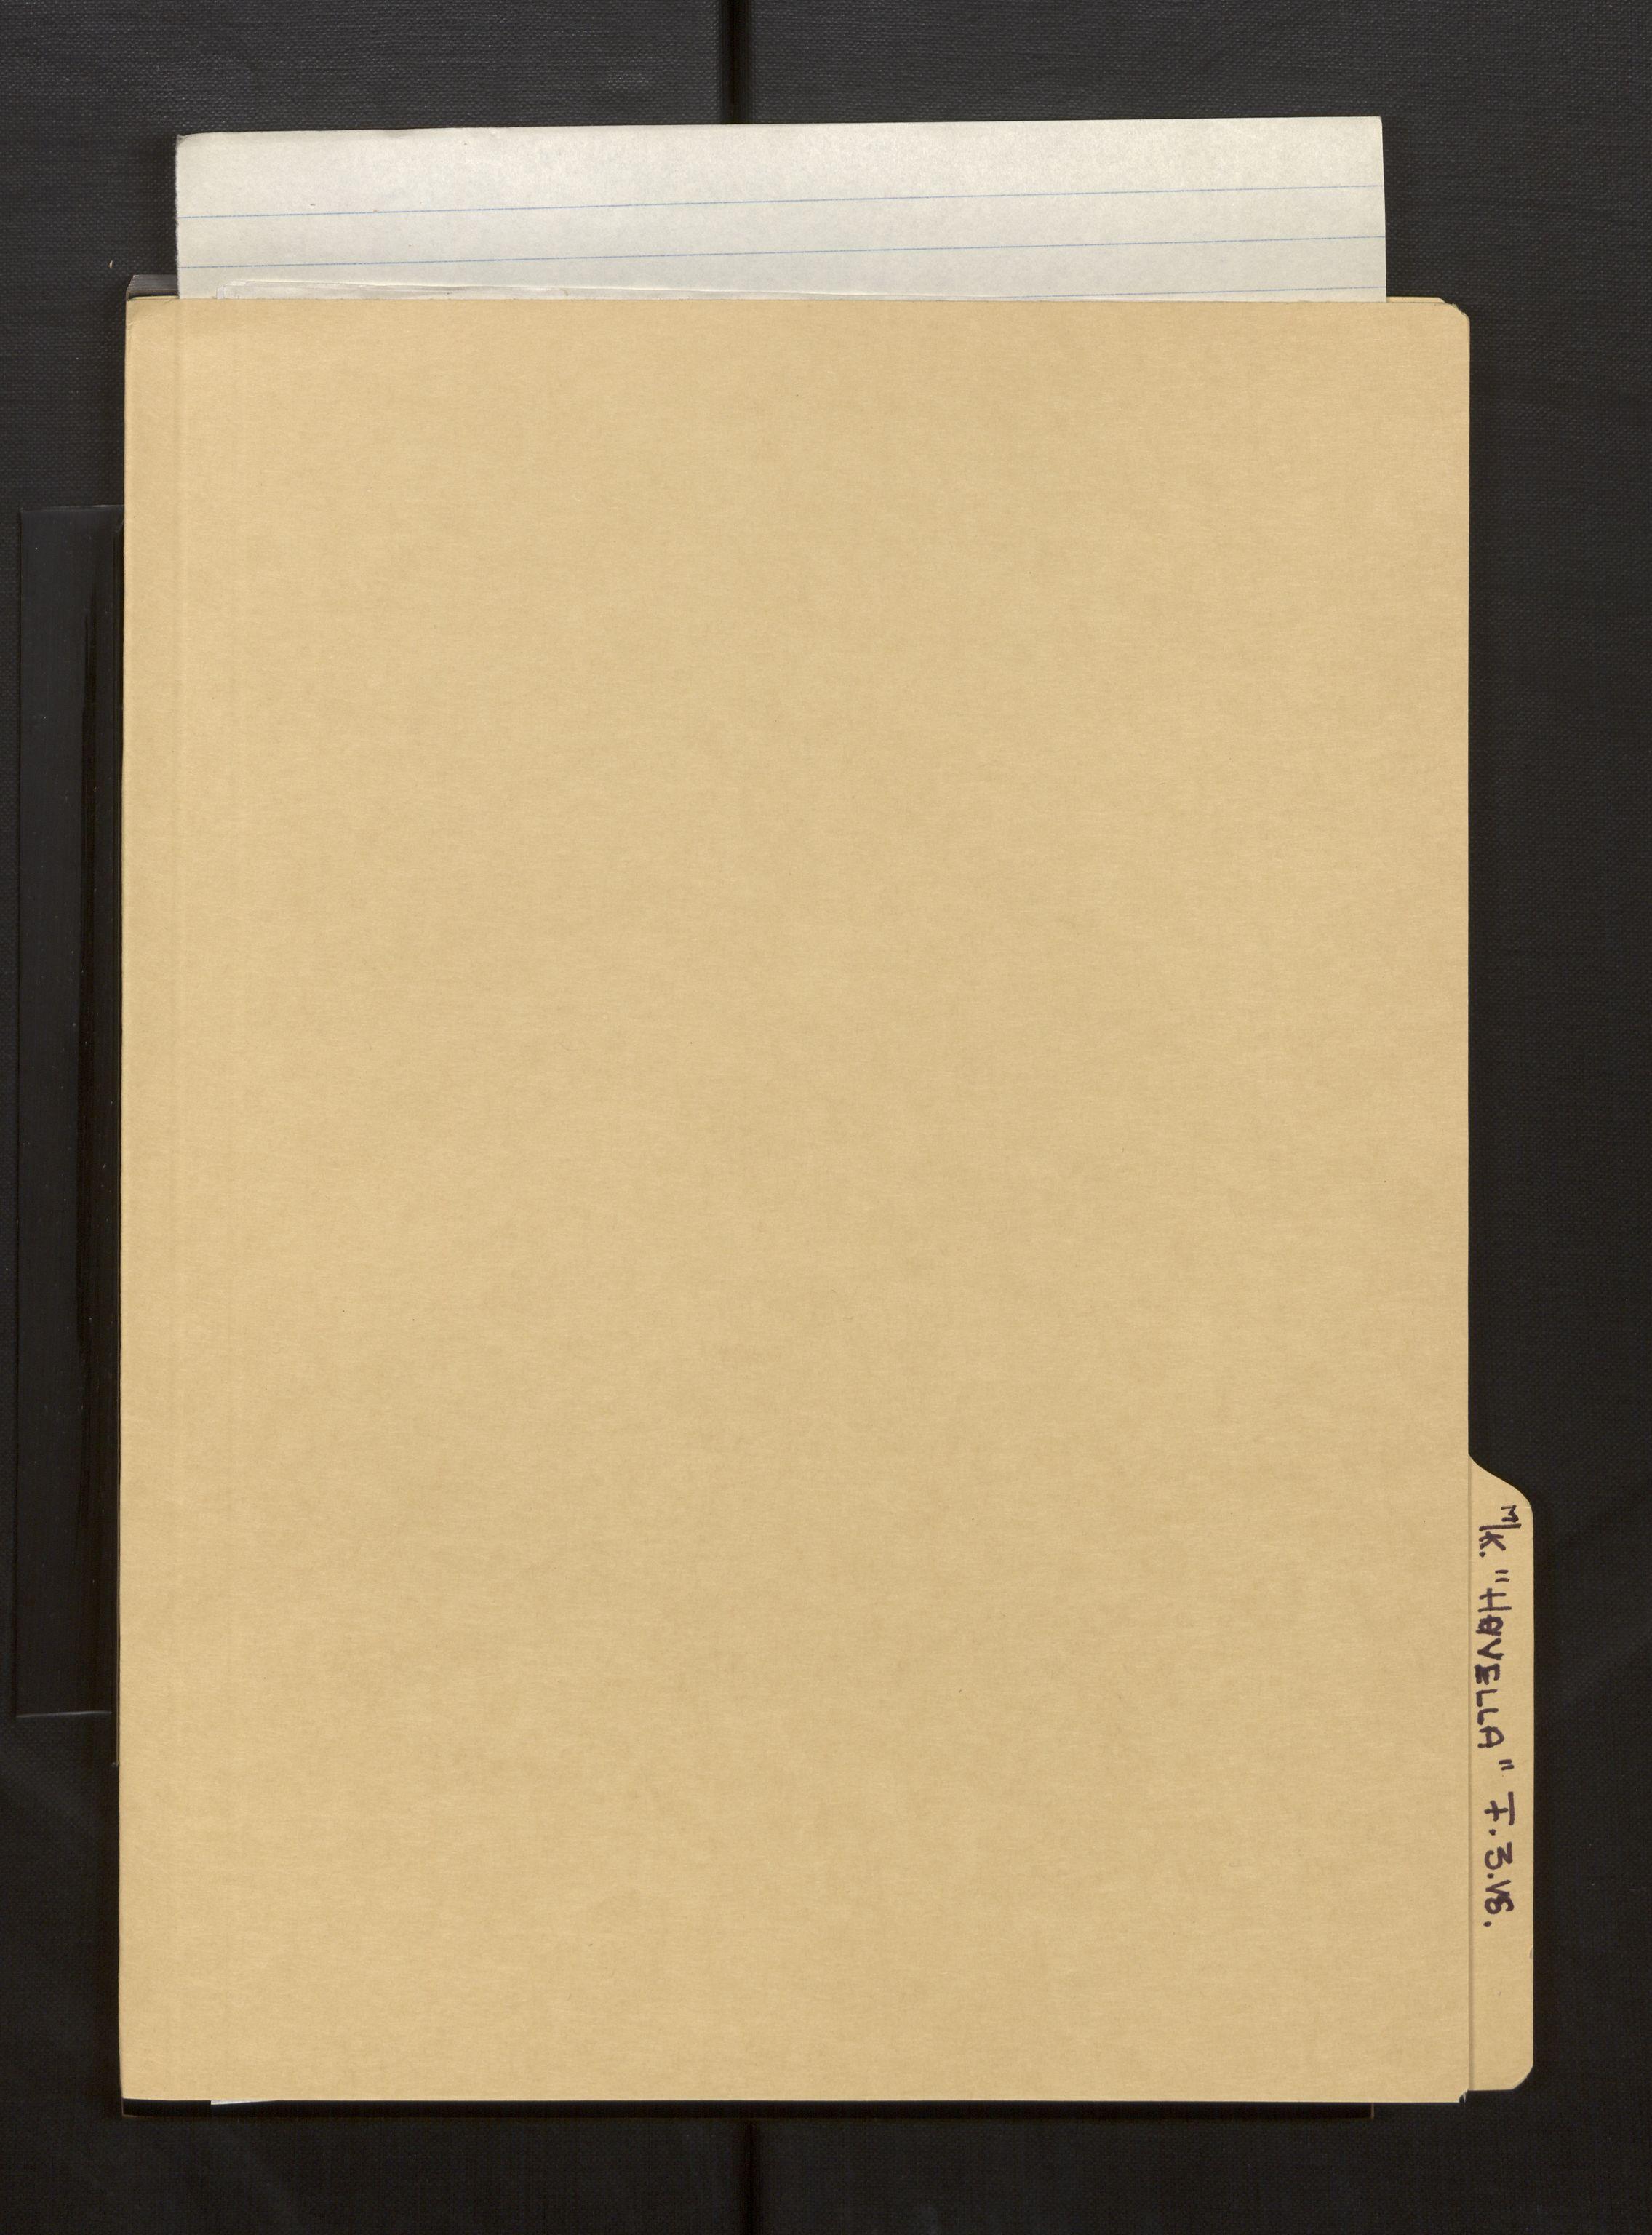 SAB, Fiskeridirektoratet - 1 Adm. ledelse - 13 Båtkontoret, La/L0042: Statens krigsforsikring for fiskeflåten, 1936-1971, s. 439